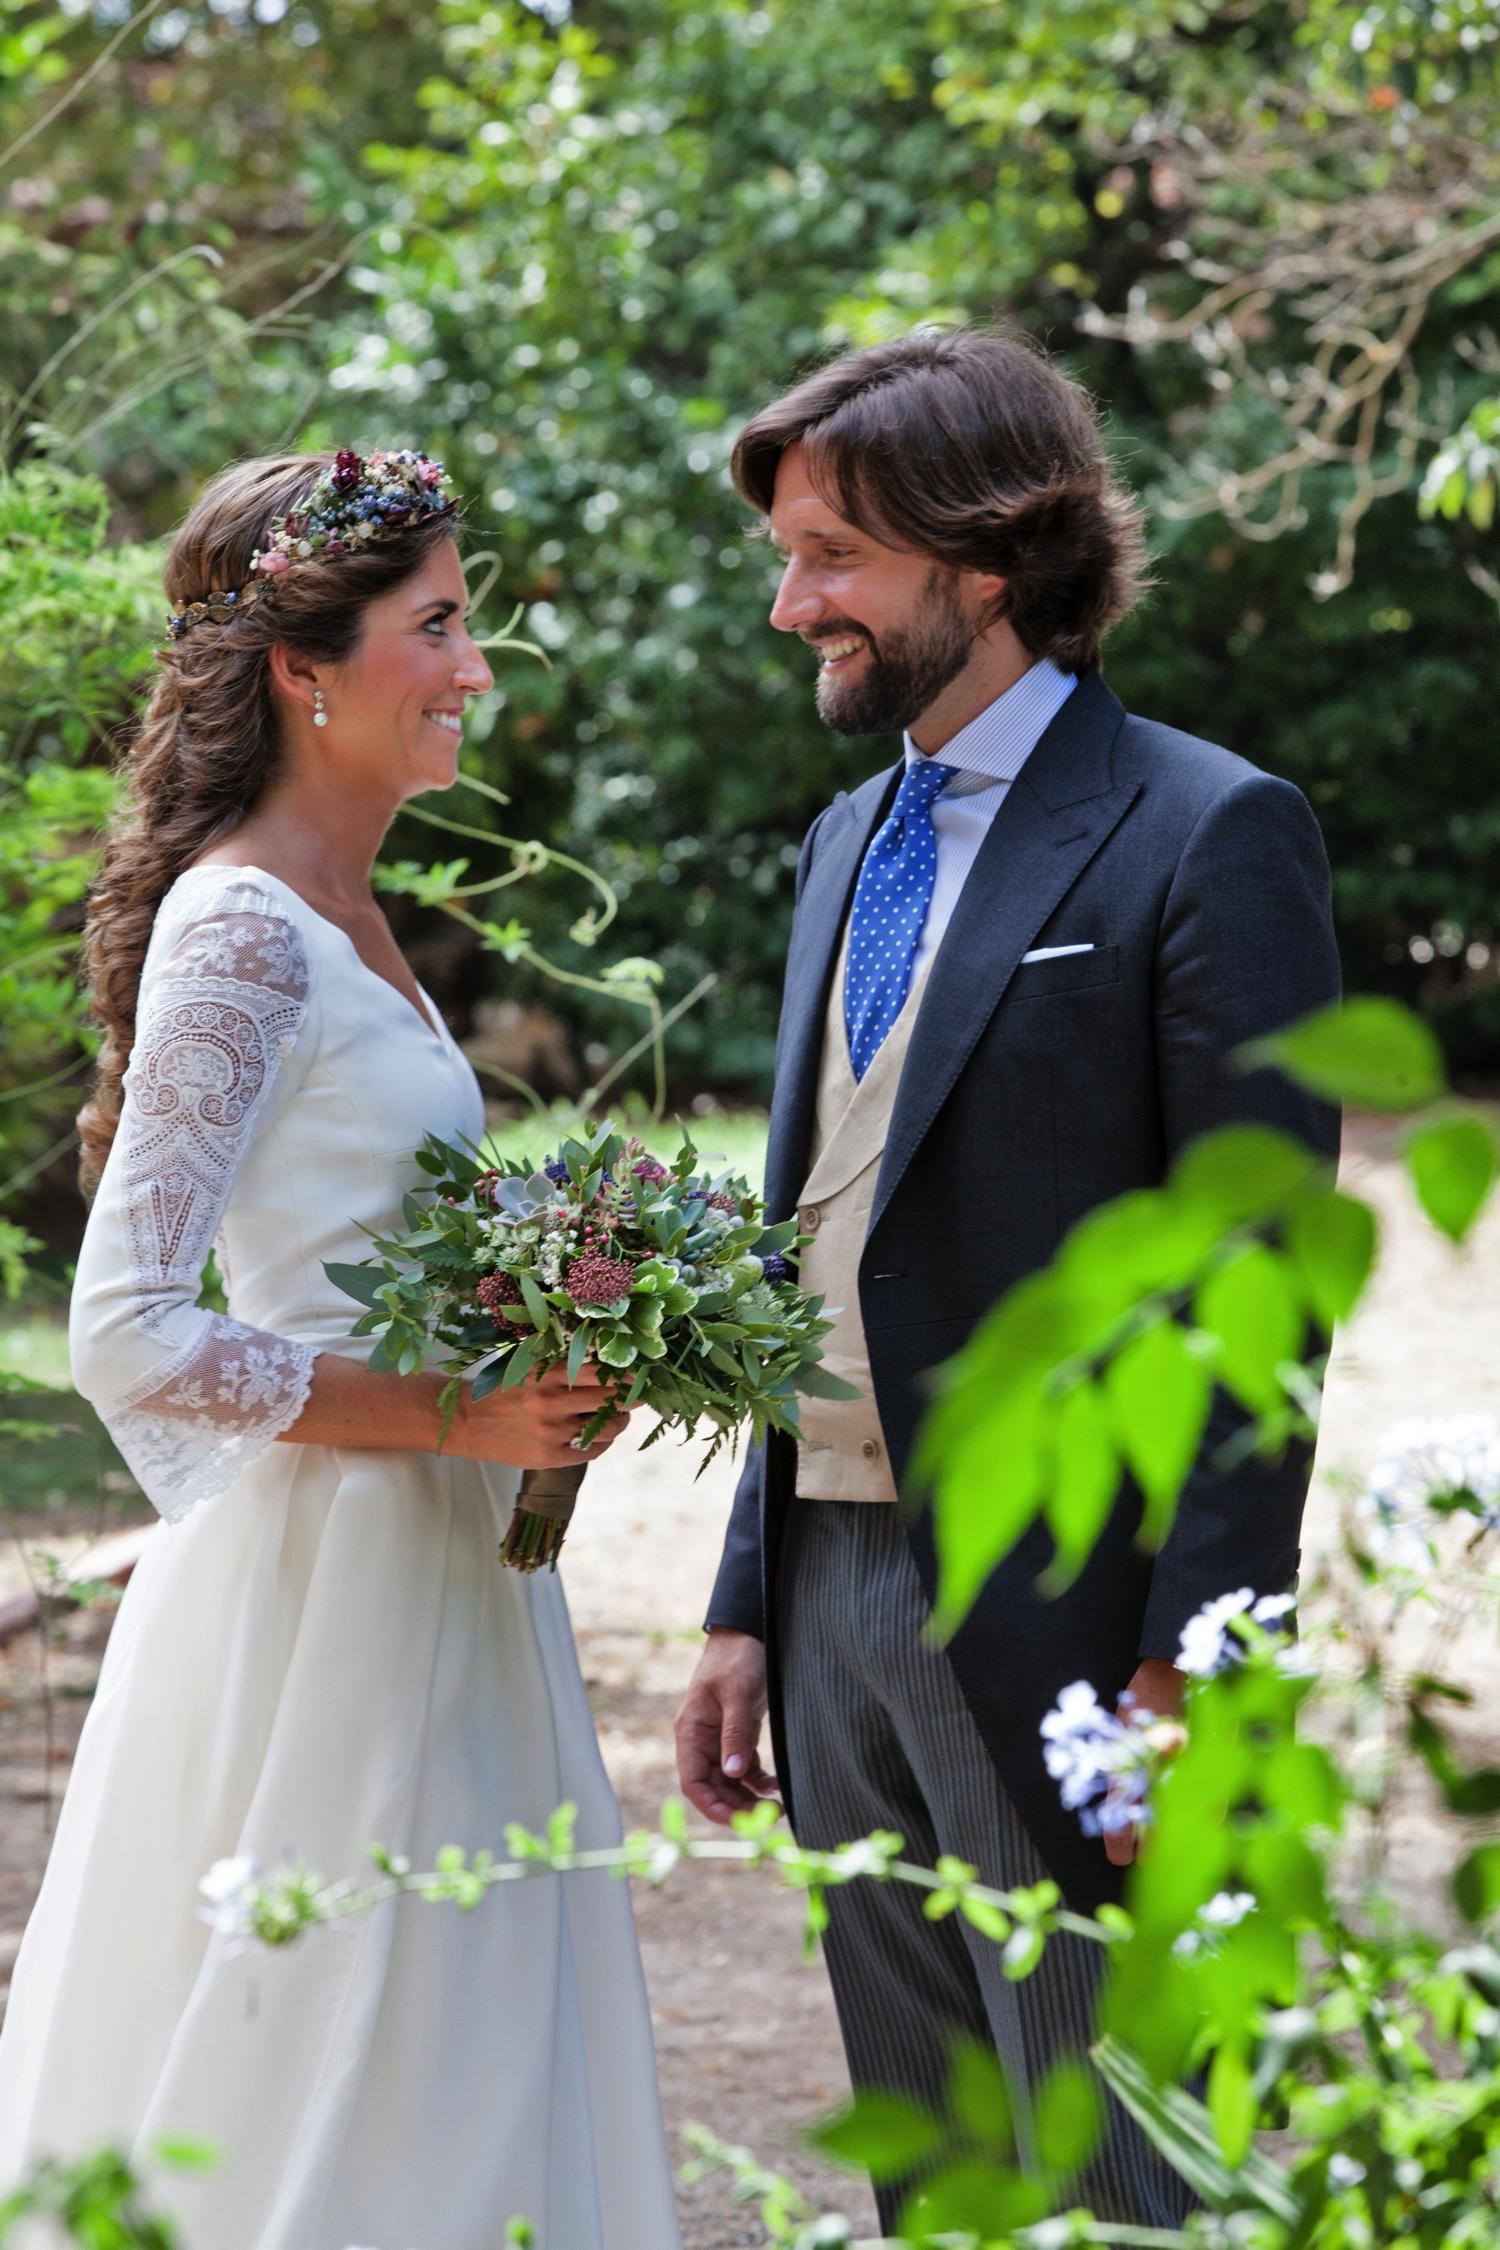 bodas-made-in-style-novios-vestido-de-novia-navascues-corona-de-flores-sumacruz-boda-de-bea